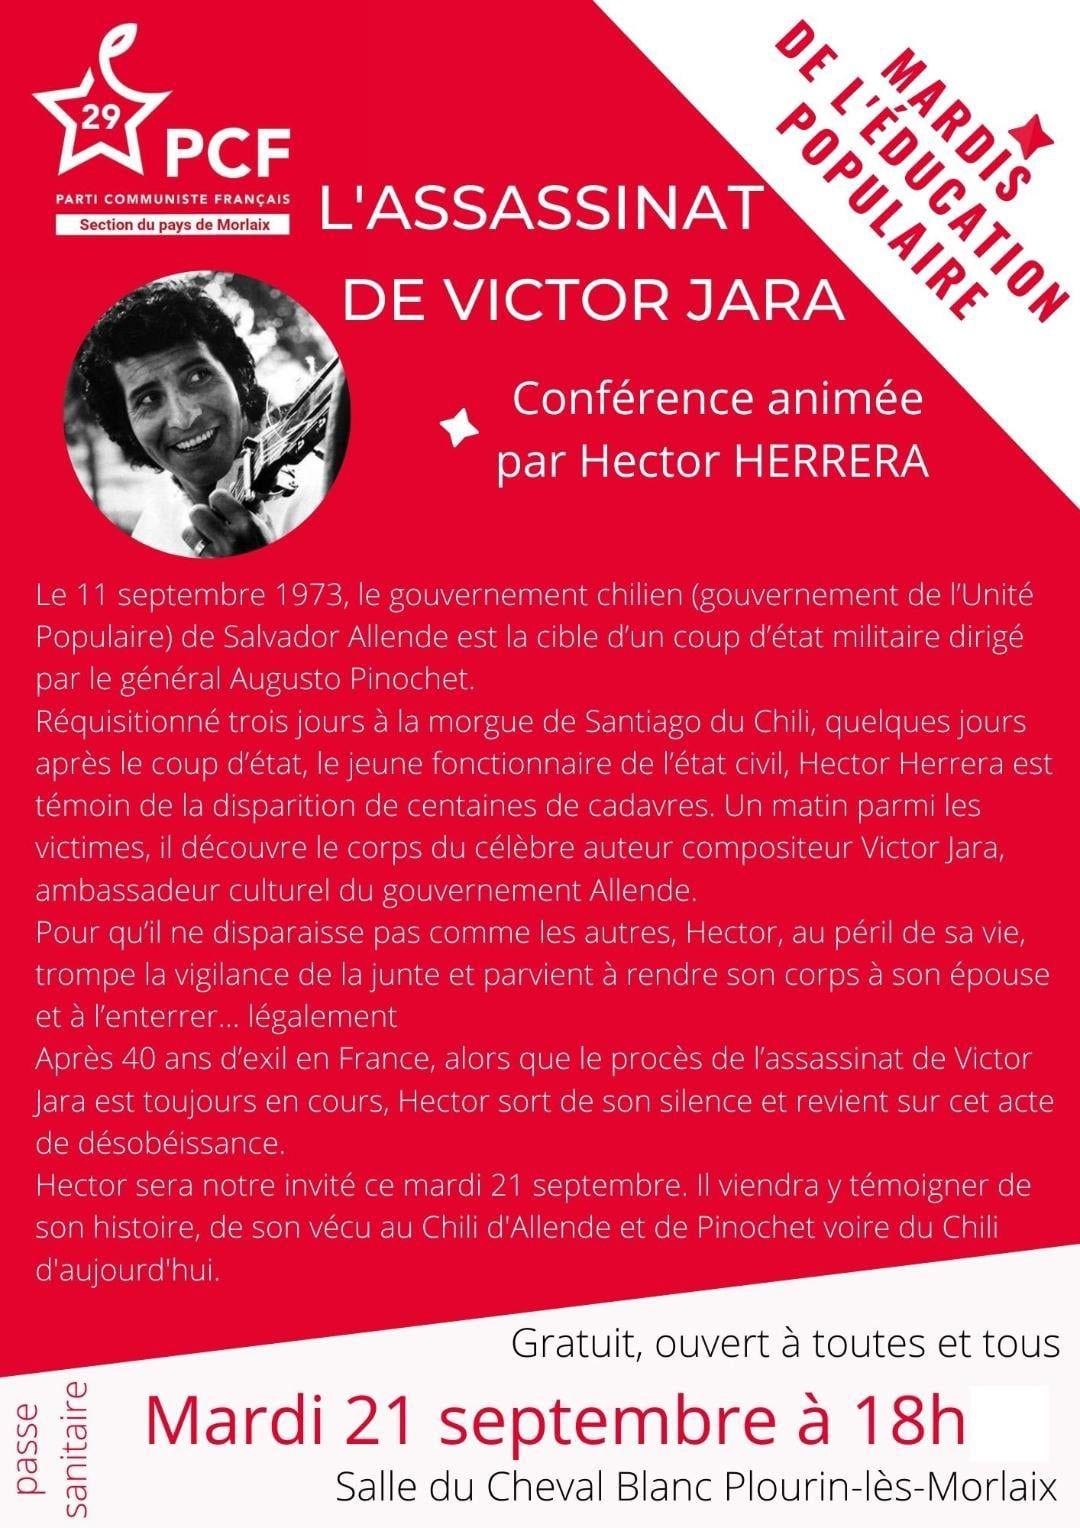 Le chilien Hector Herrera nous raconte le Chili d'Allende et de Pinochet, la mort de Victor Jara: Une conférence des « mardis de l'éducation populaire » se tiendra le mardi 21 septembre (18 h – salle du Cheval Blanc à Plourin les Morlaix).